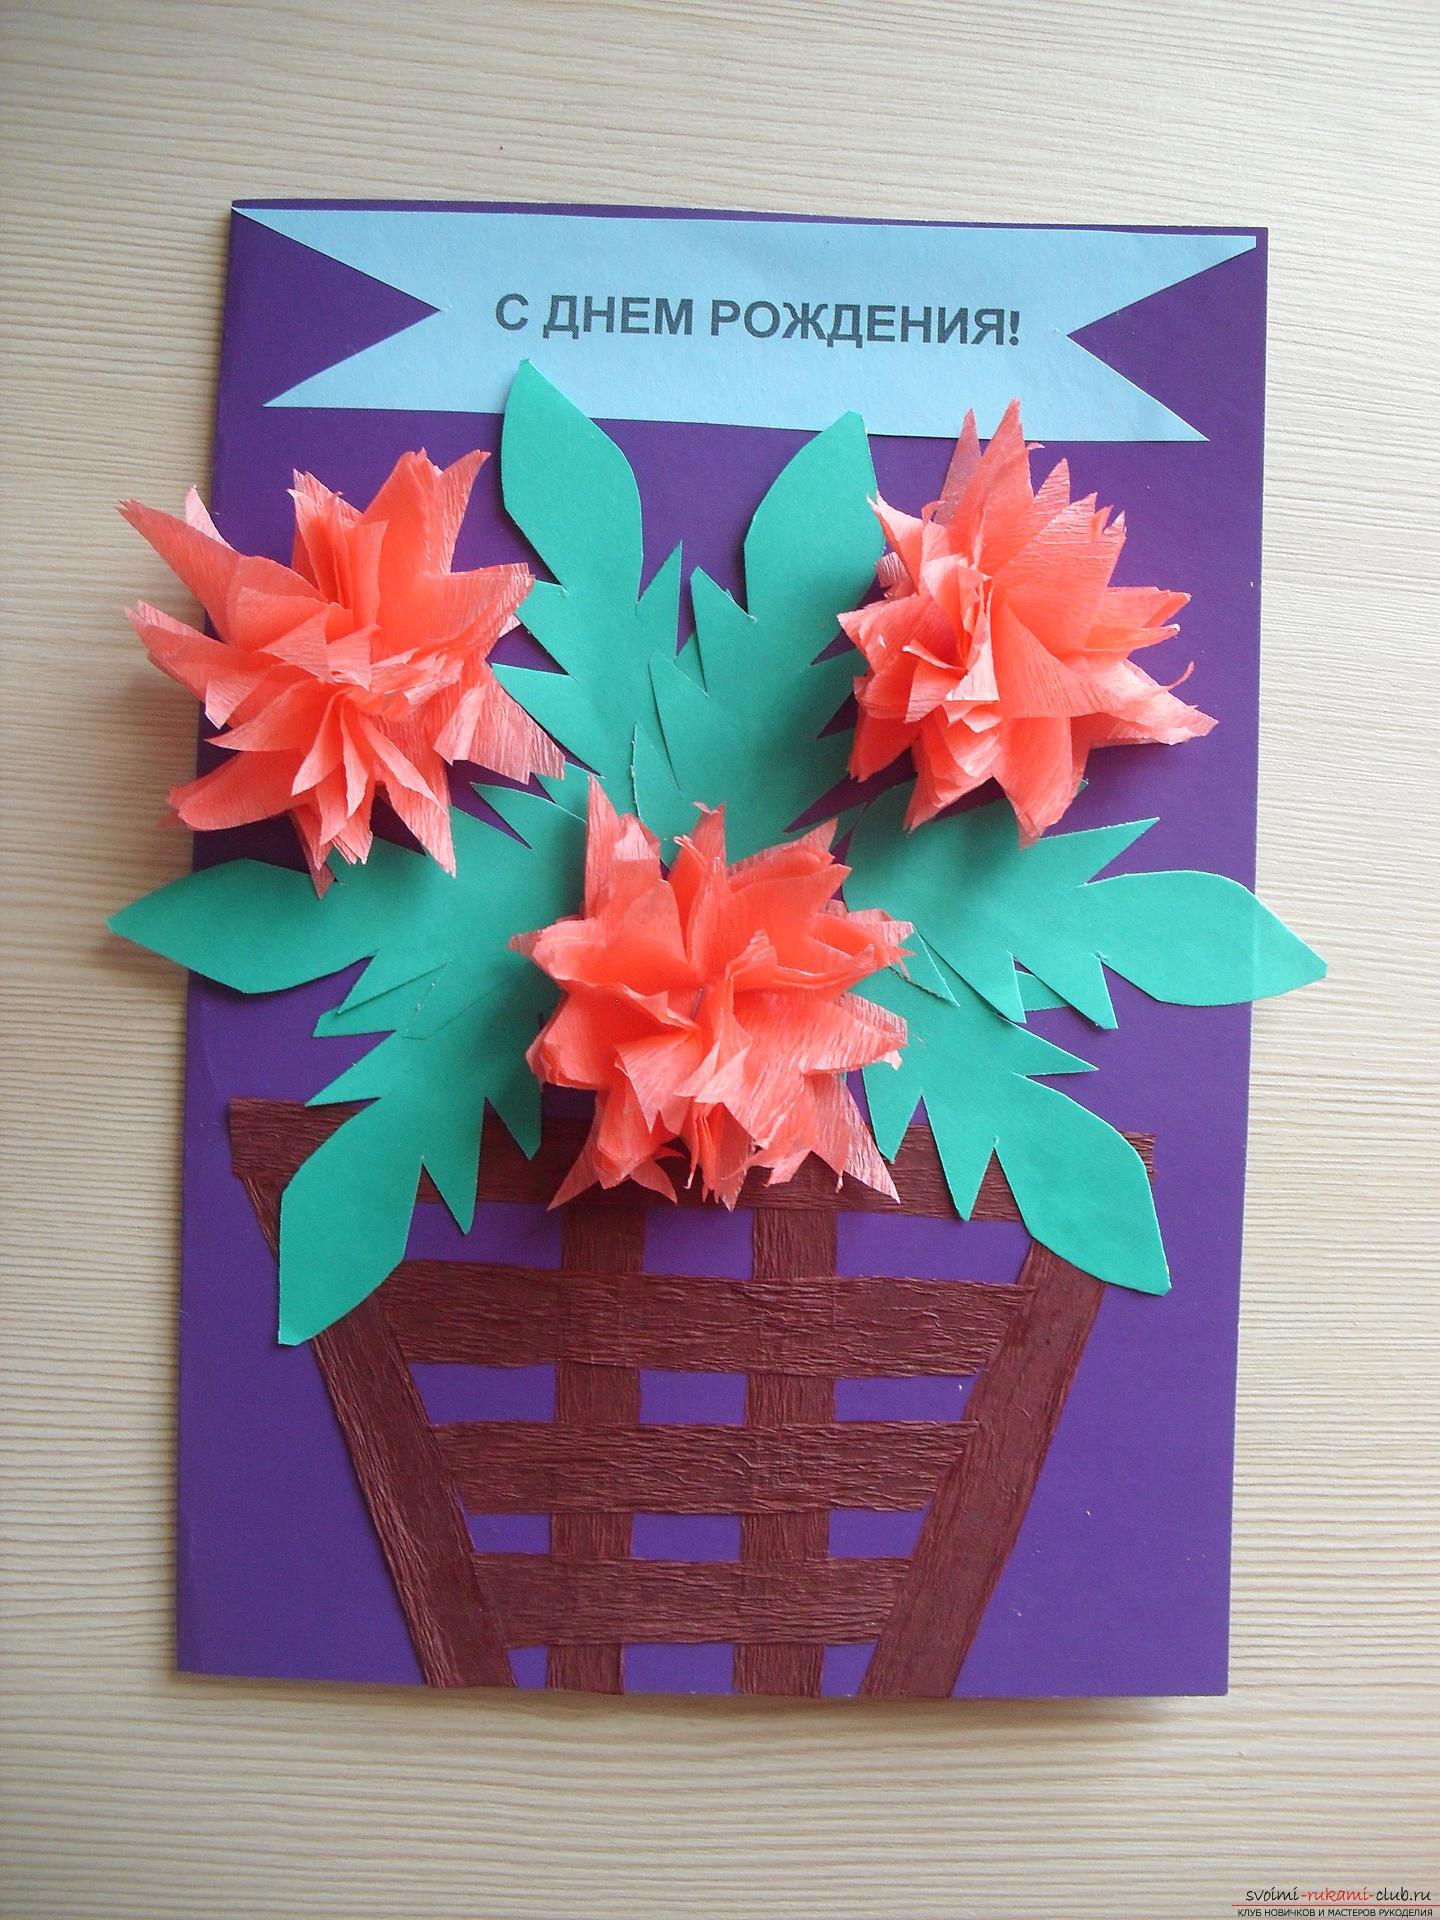 Открытки ко дню рождения своими руками из бумаги и картона